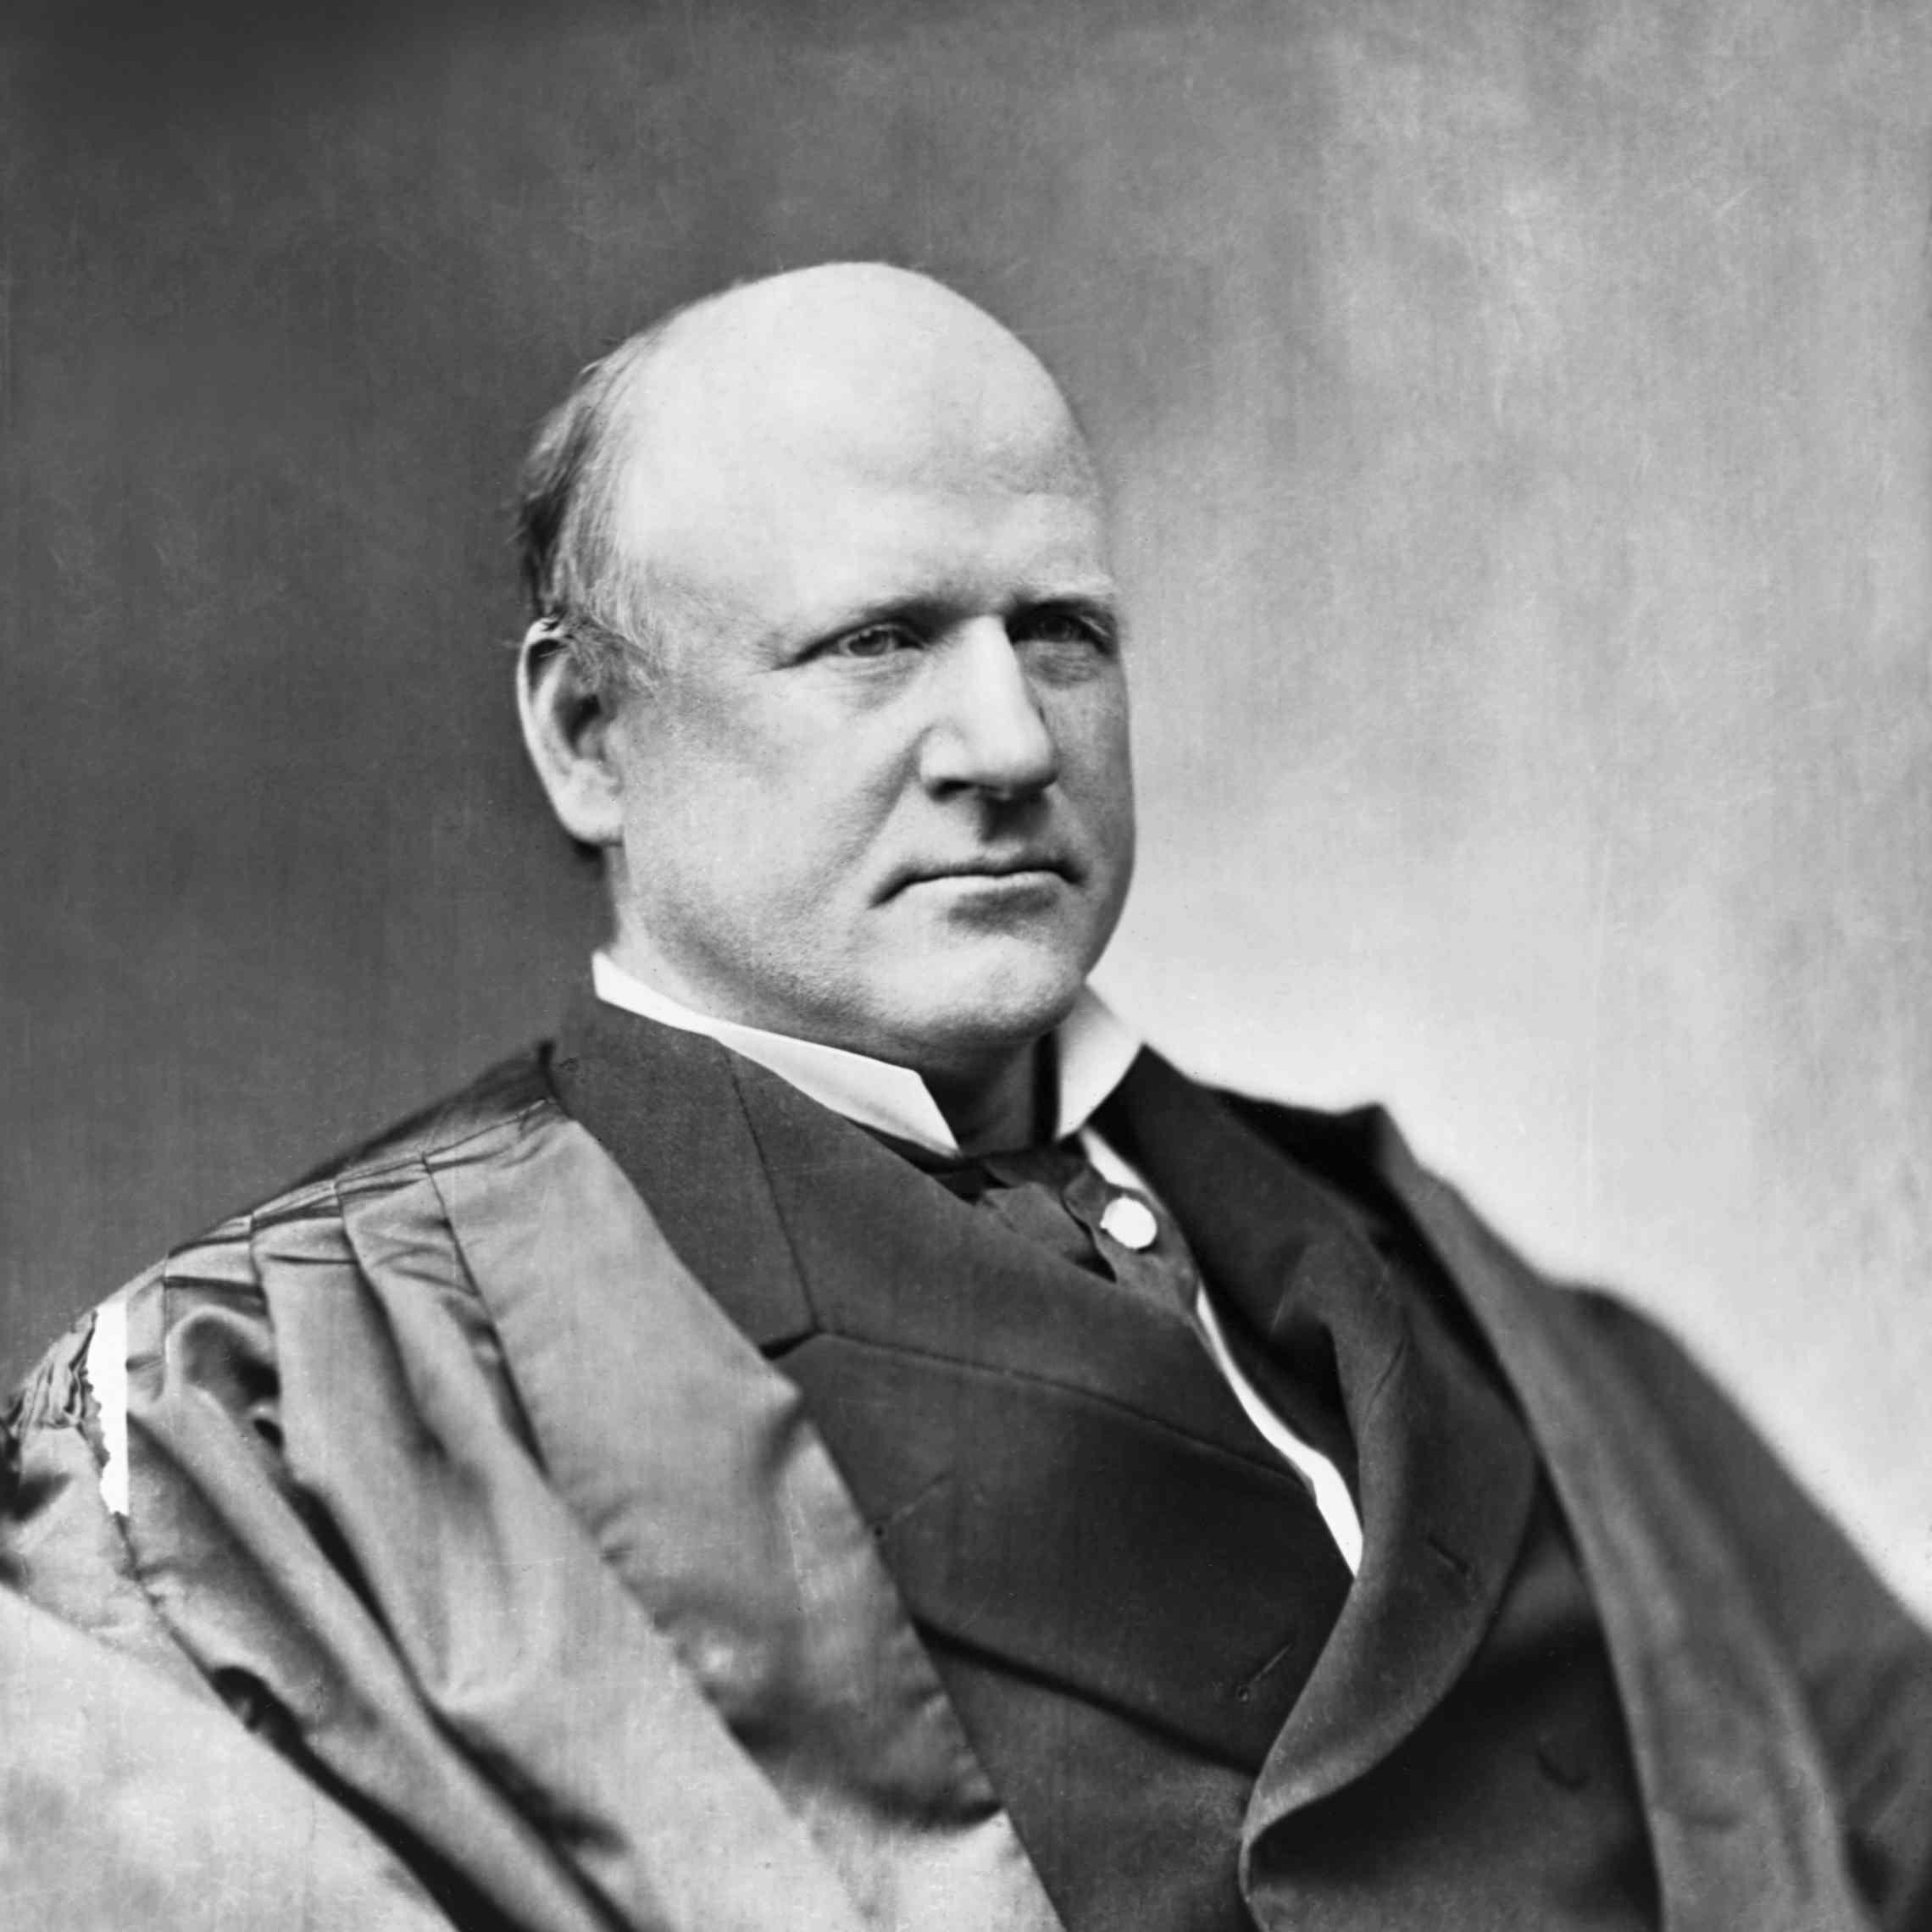 Justice John Harlan